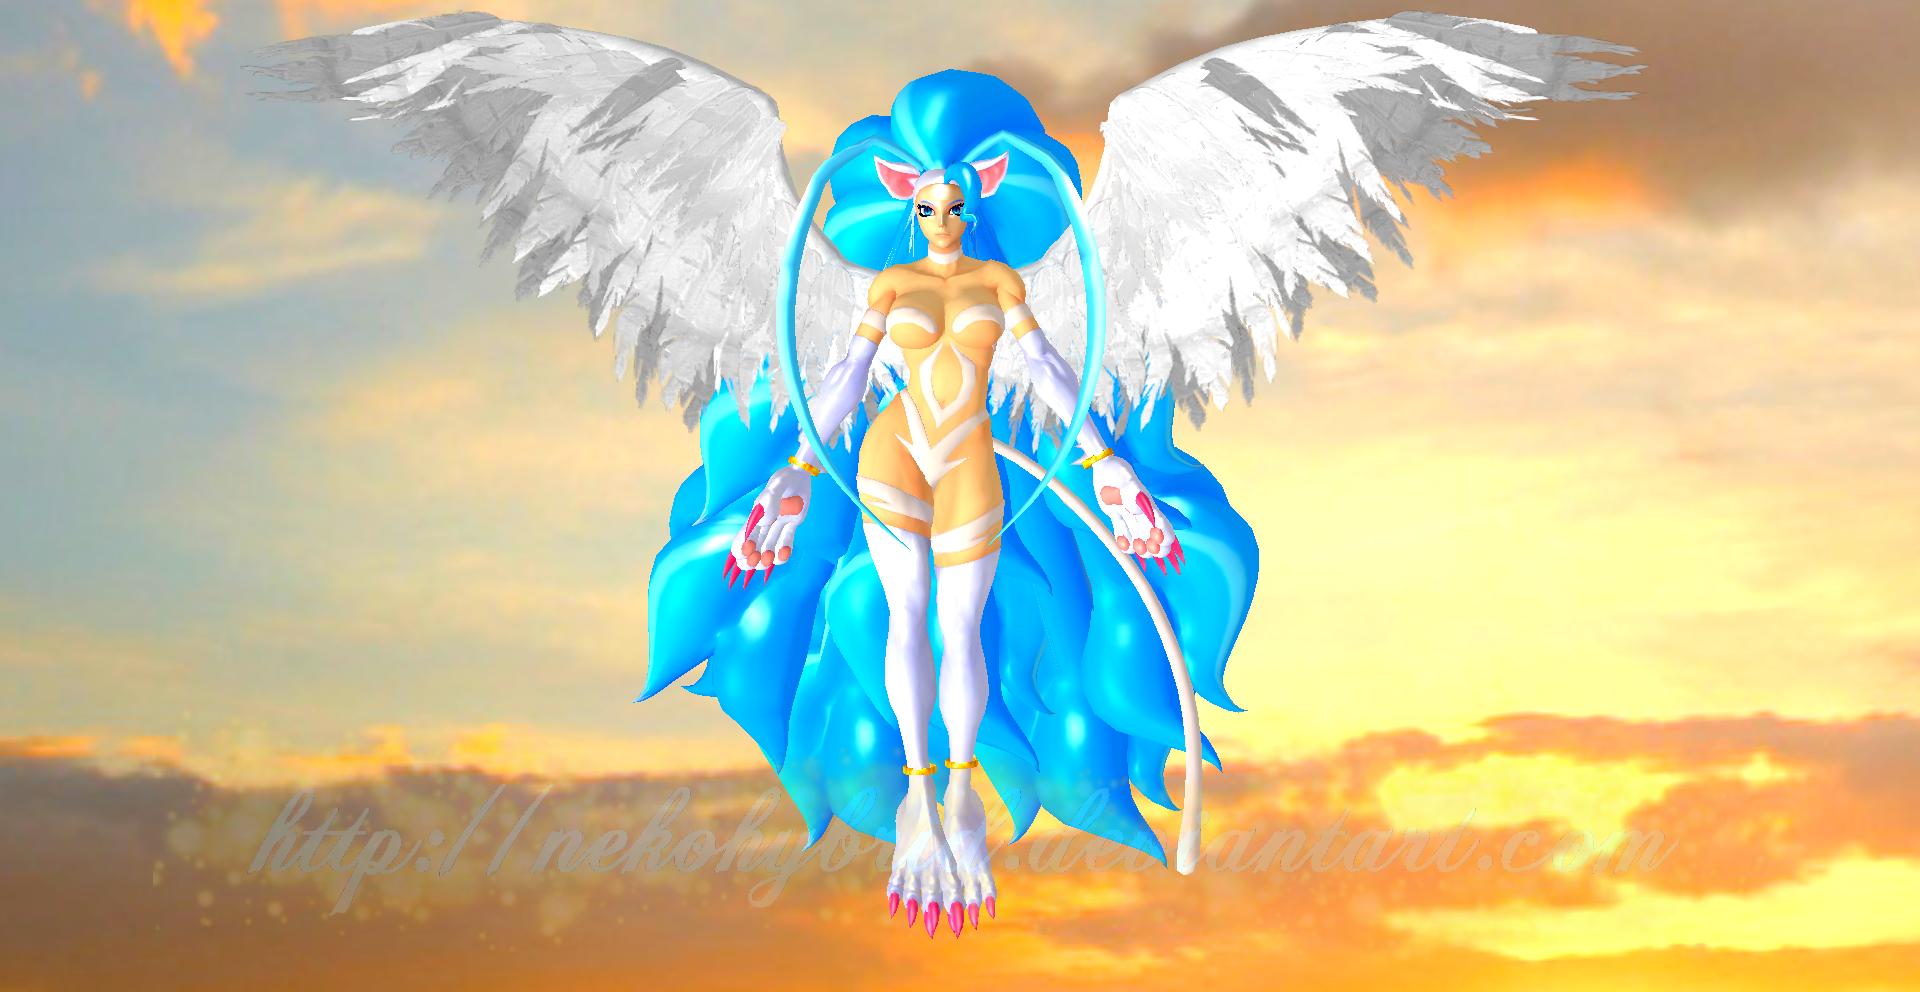 Felicia: Angelic Beauty by NekoHybrid